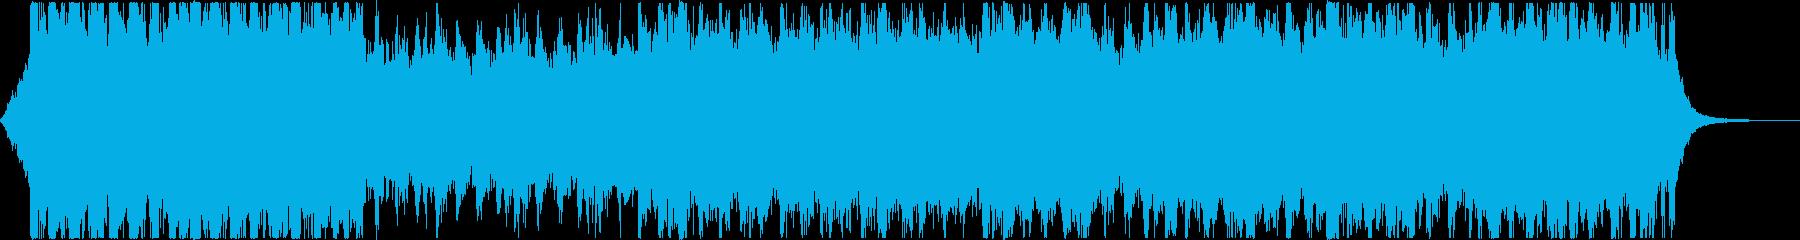 映画・ゲームのオープニング風BGMの再生済みの波形